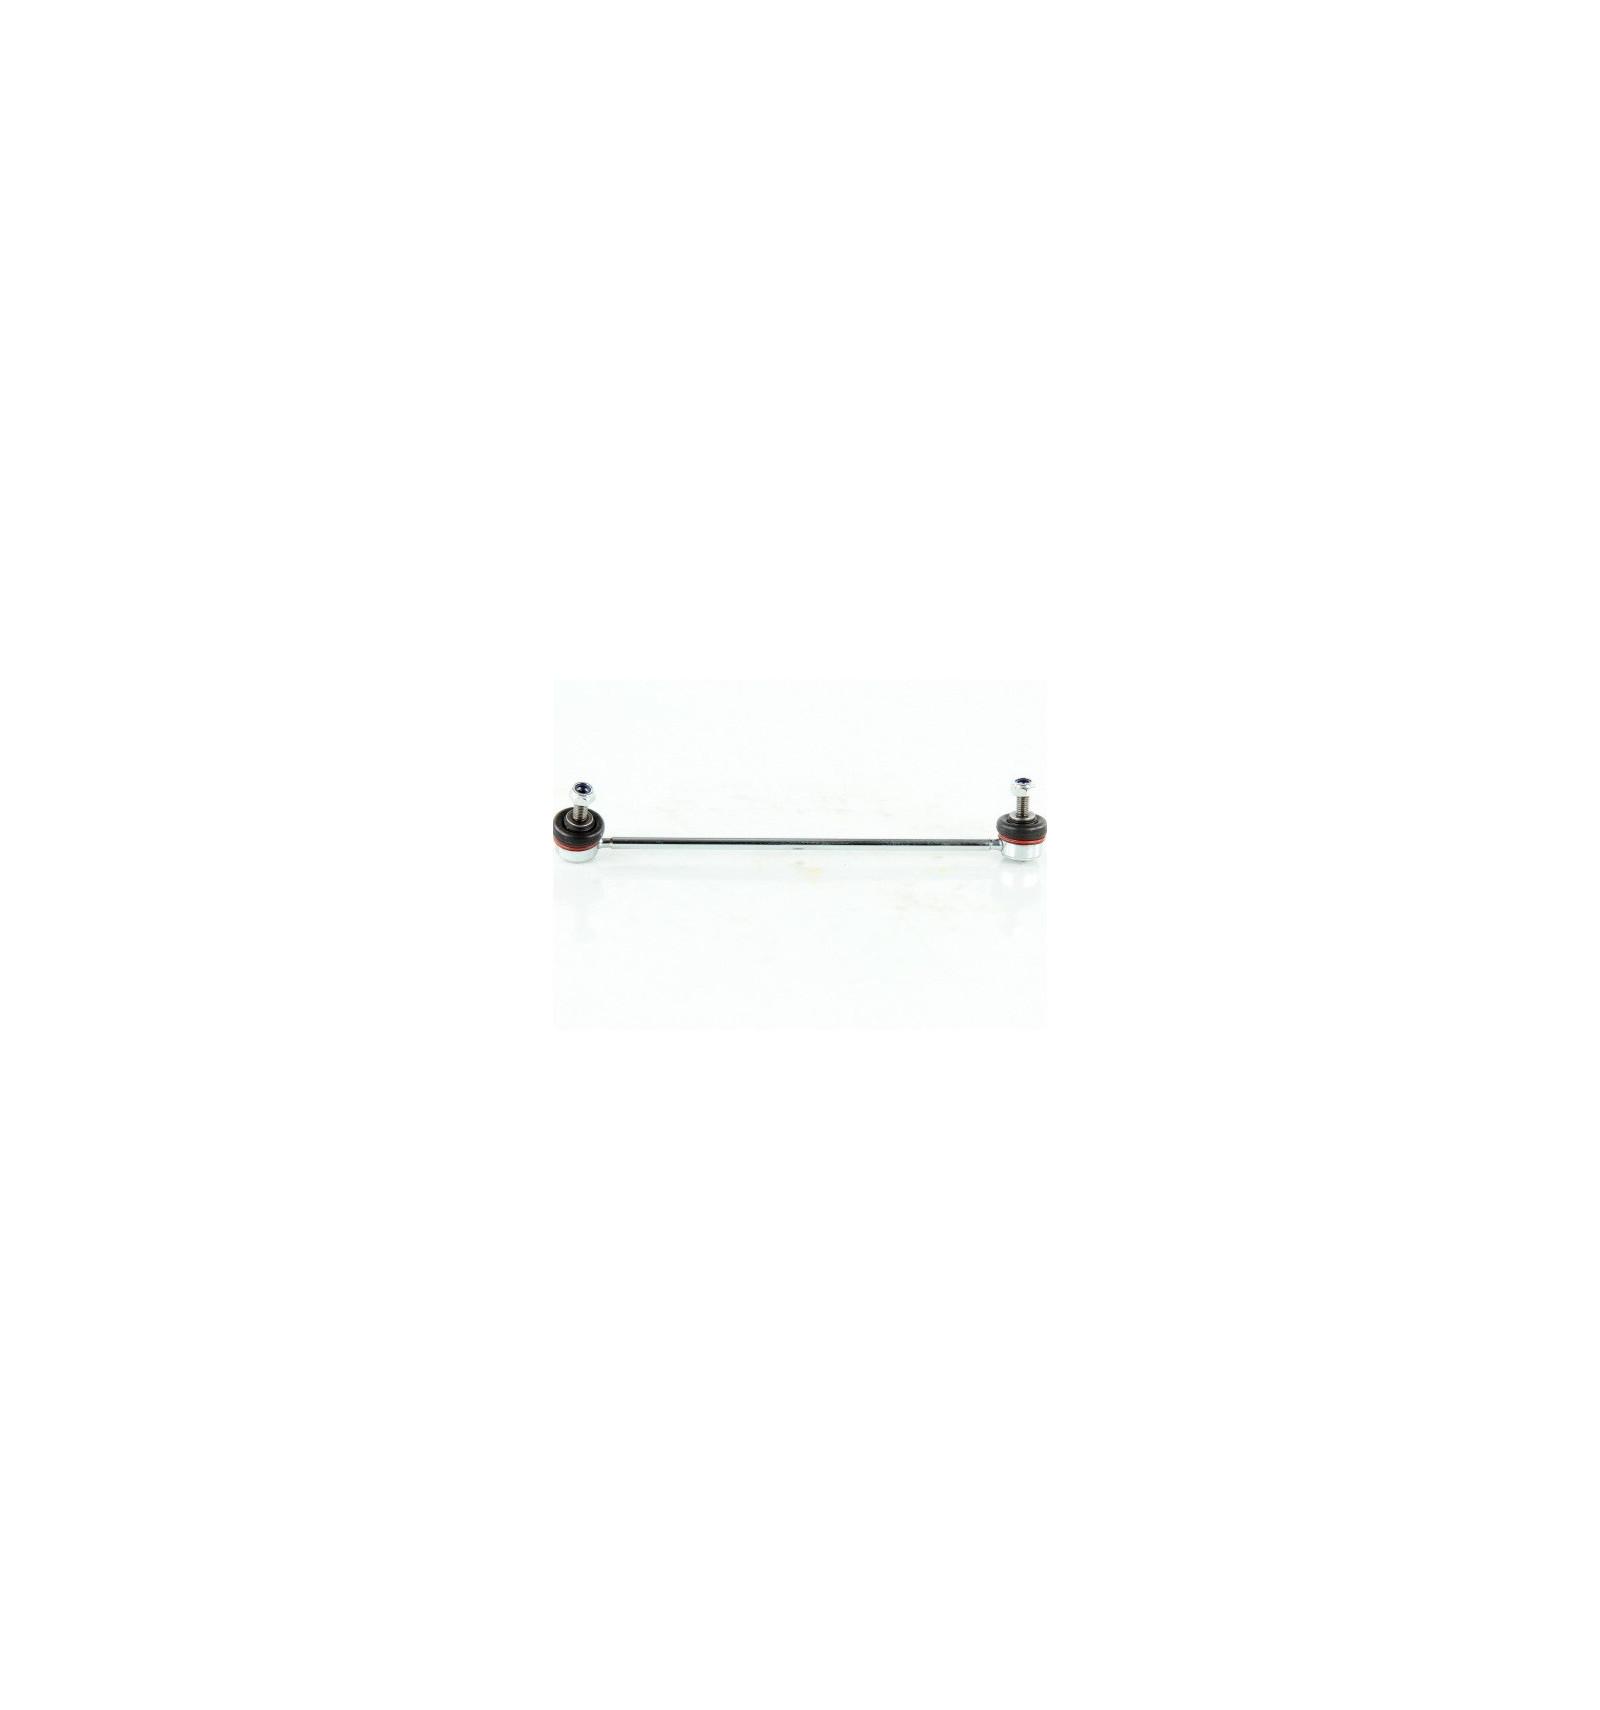 biellette de barre stabilisatrice avant droite citroen c3 picasso peugeot 207 208. Black Bedroom Furniture Sets. Home Design Ideas